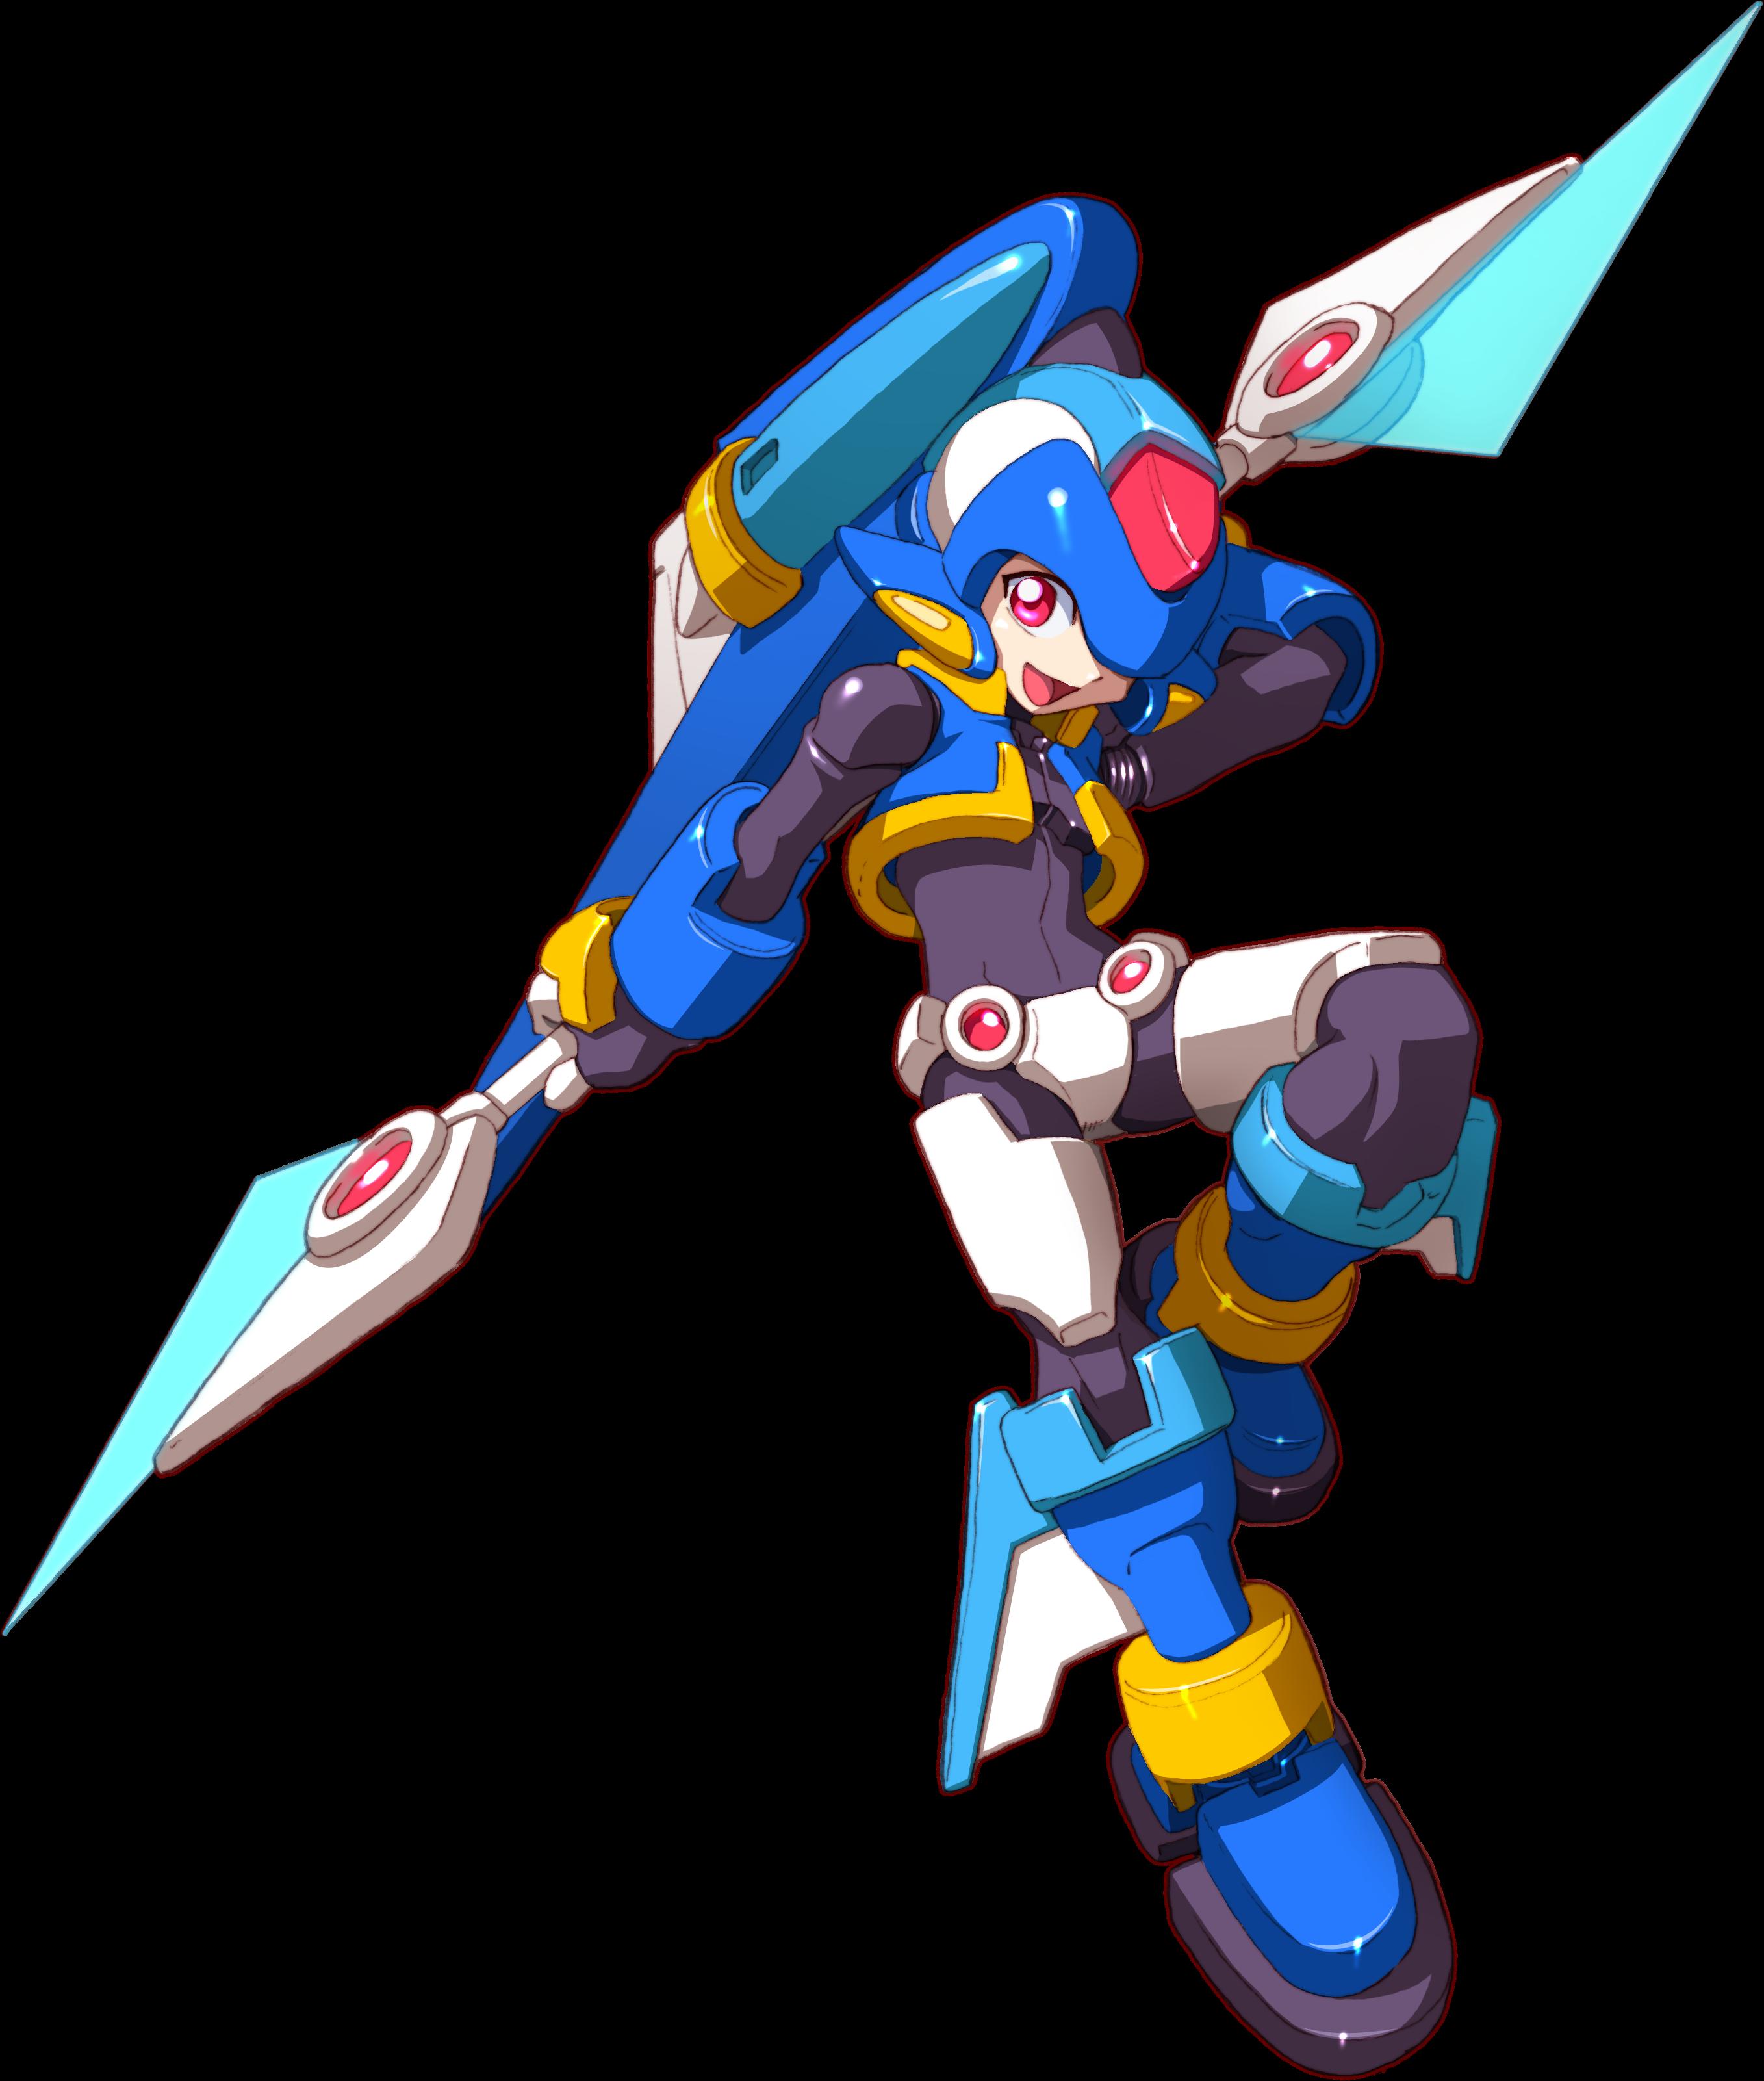 Mega Man Gets A New Look - popculture.com